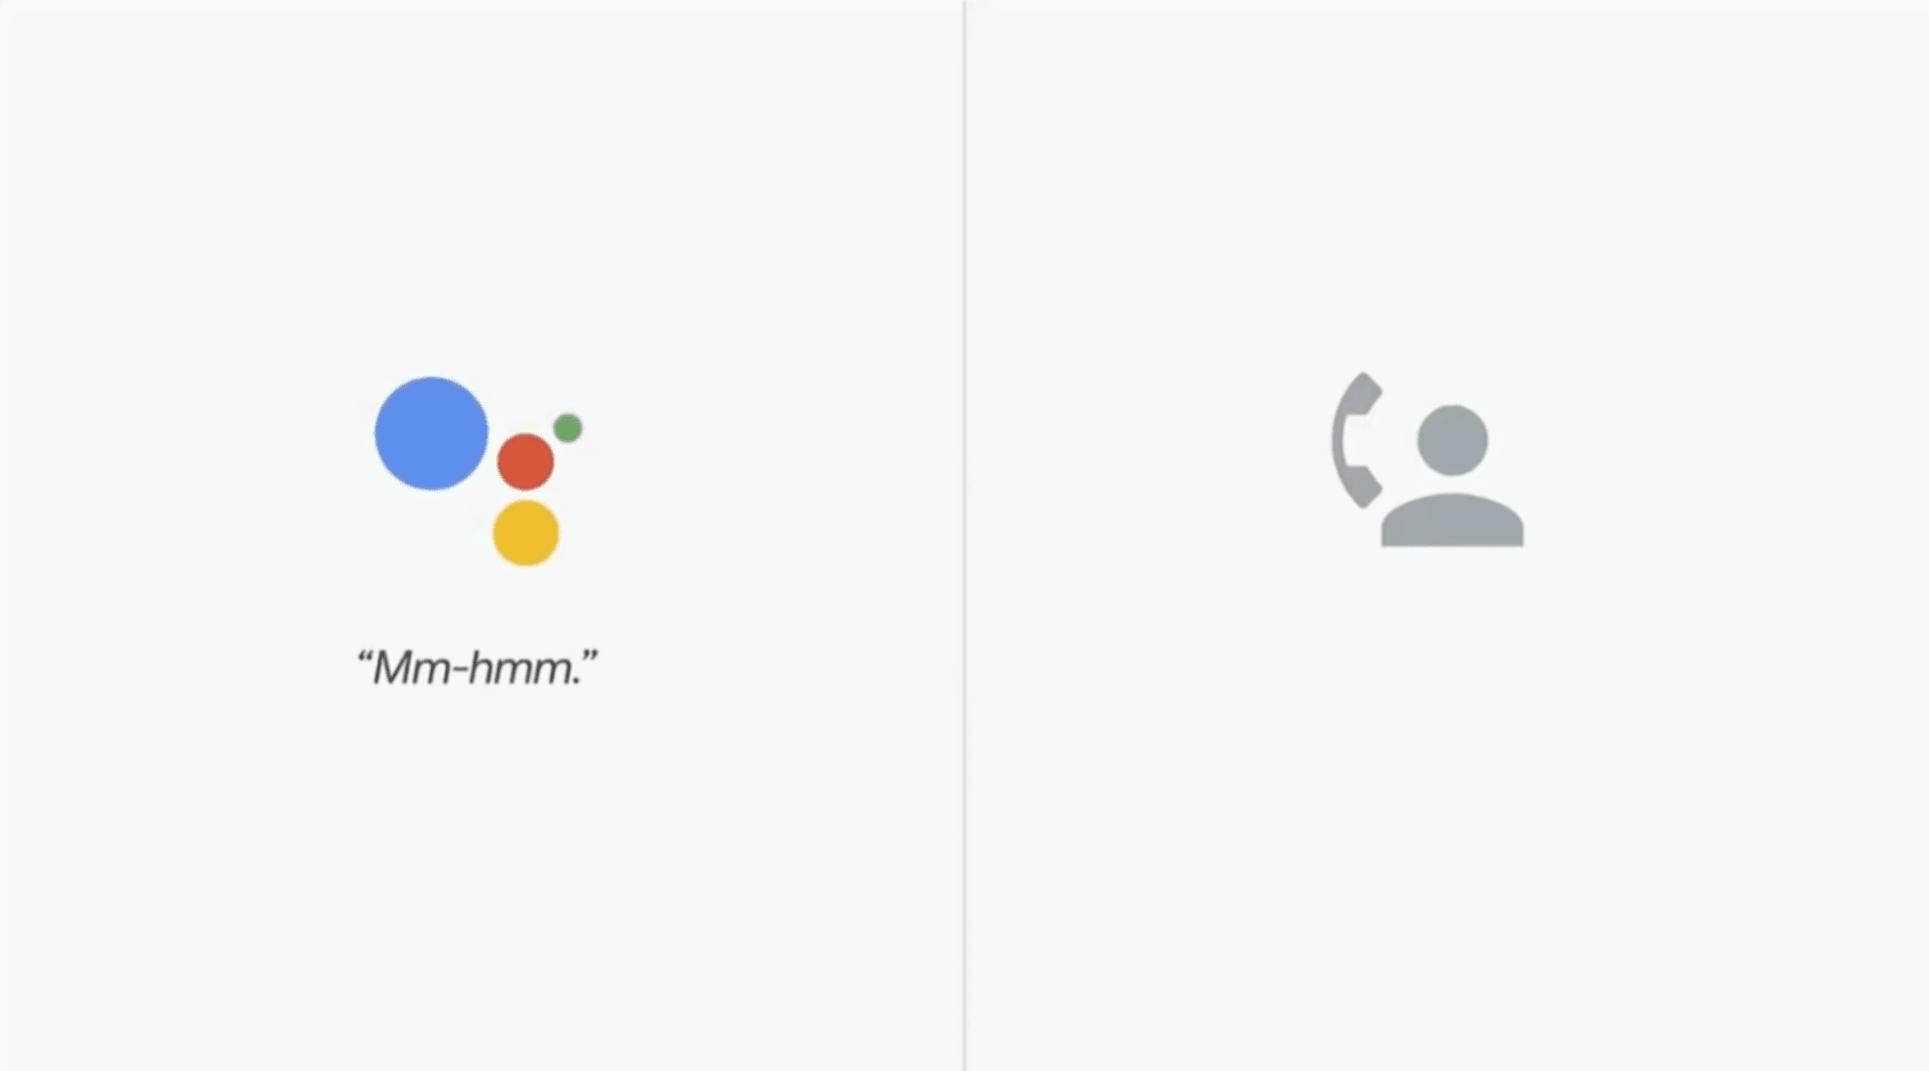 Czy realistyczna prezentacja możliwości Google Assistant na Google I/O 2018 to pic na wodę, fotomontaż? 22